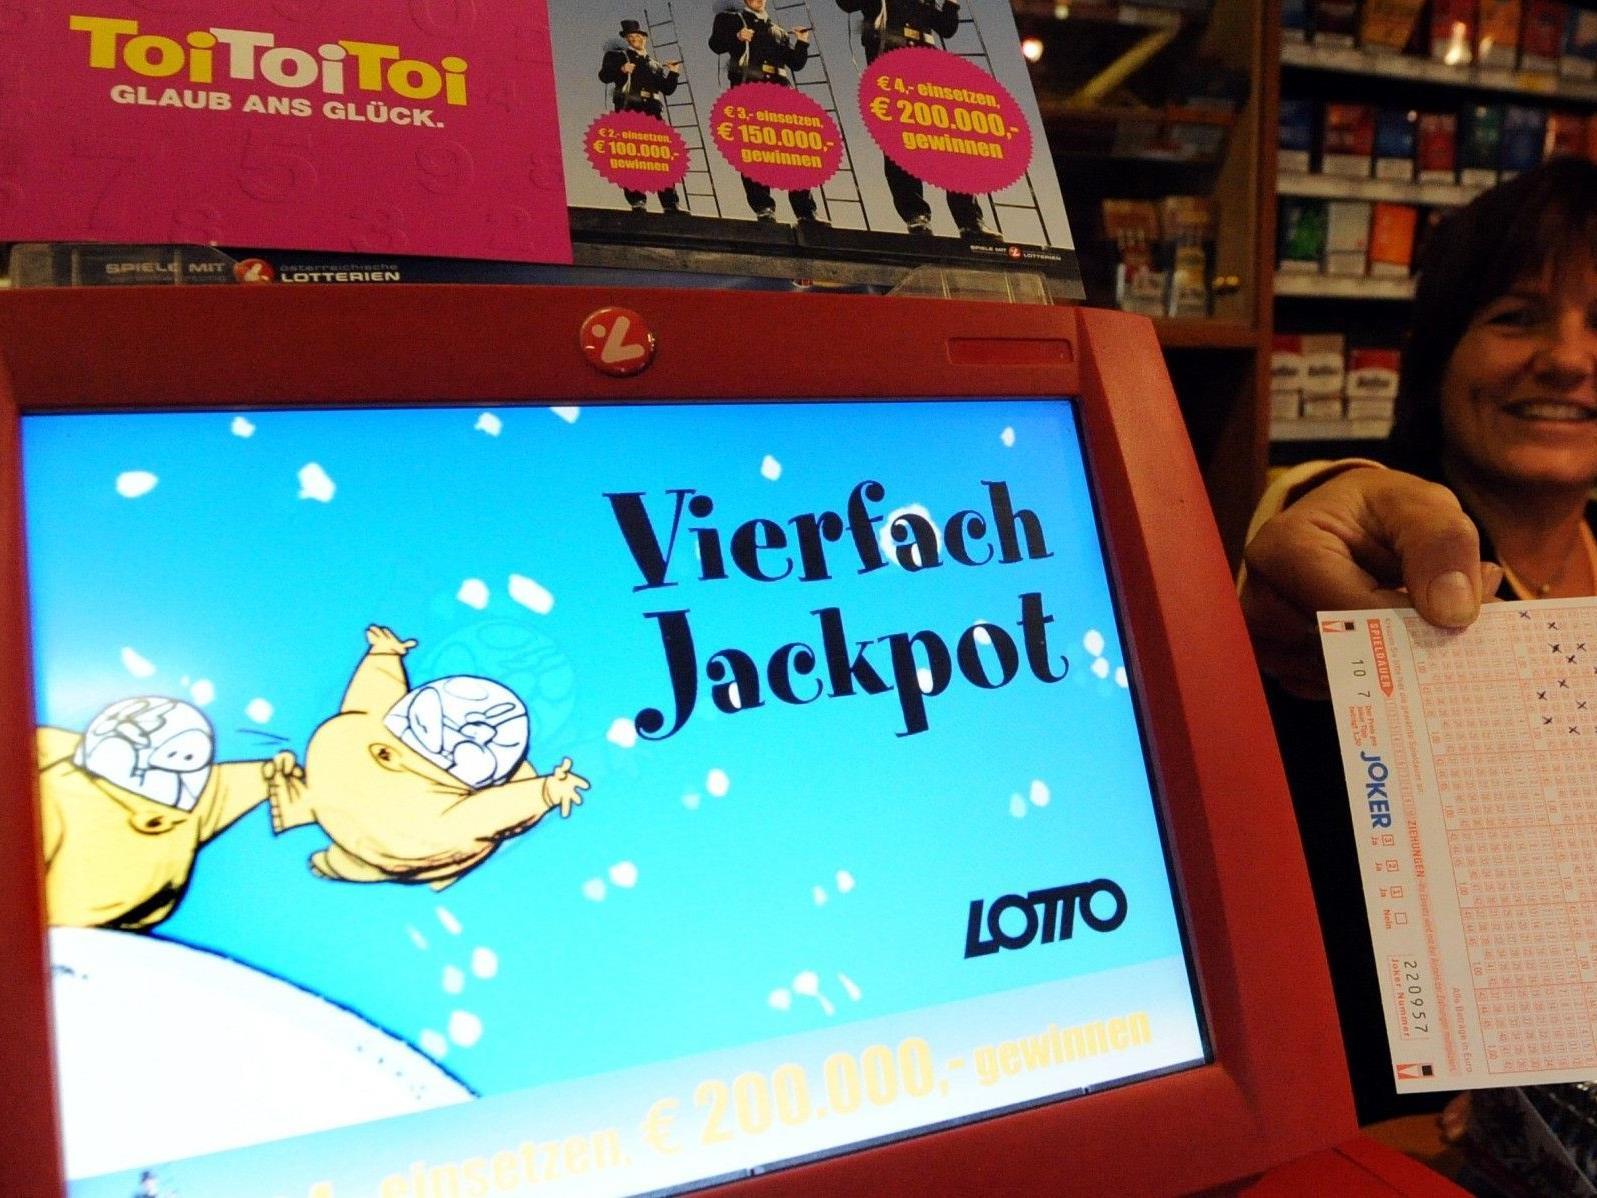 Am Sonntag geht es bei der Lotto-Ziehung bei einem Vierfach Jackpot um 7 Millionen Euro.